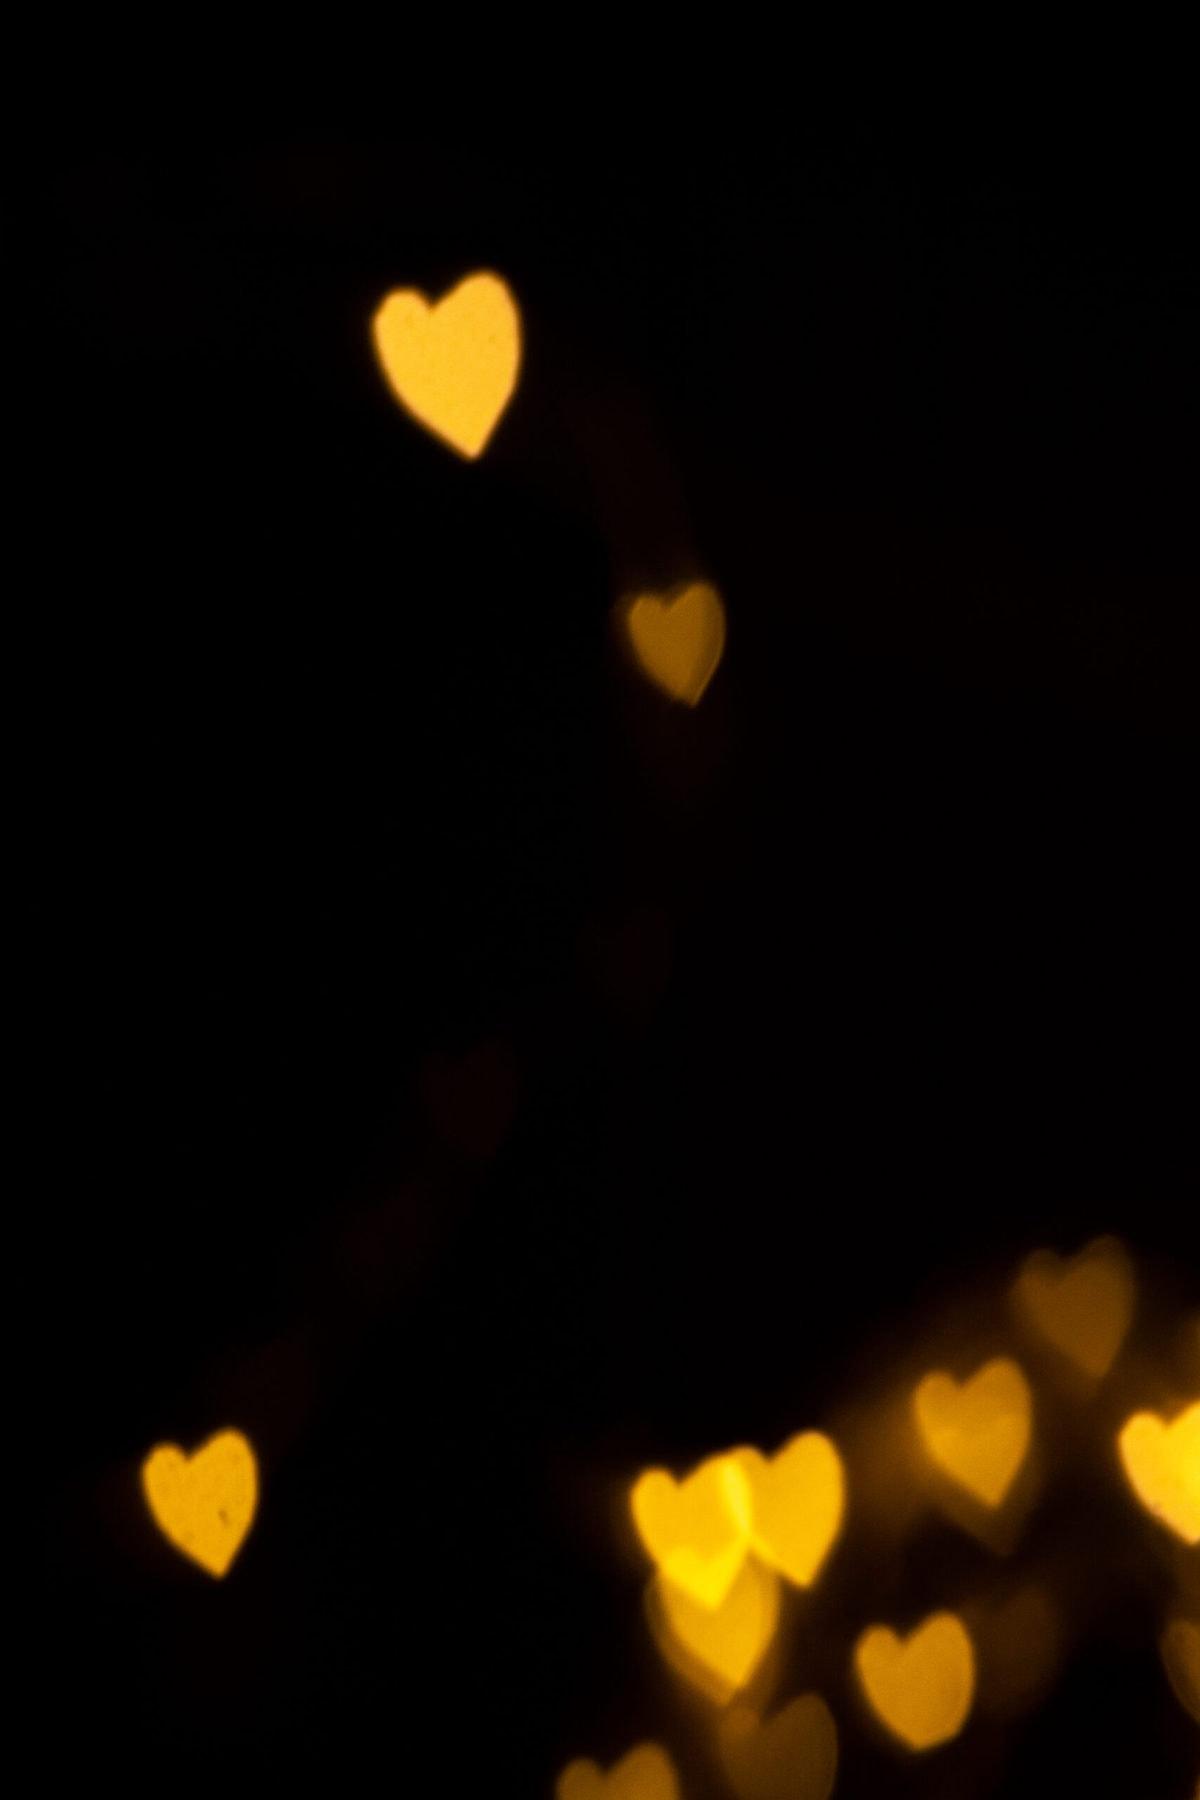 heart shaped bokeh photography